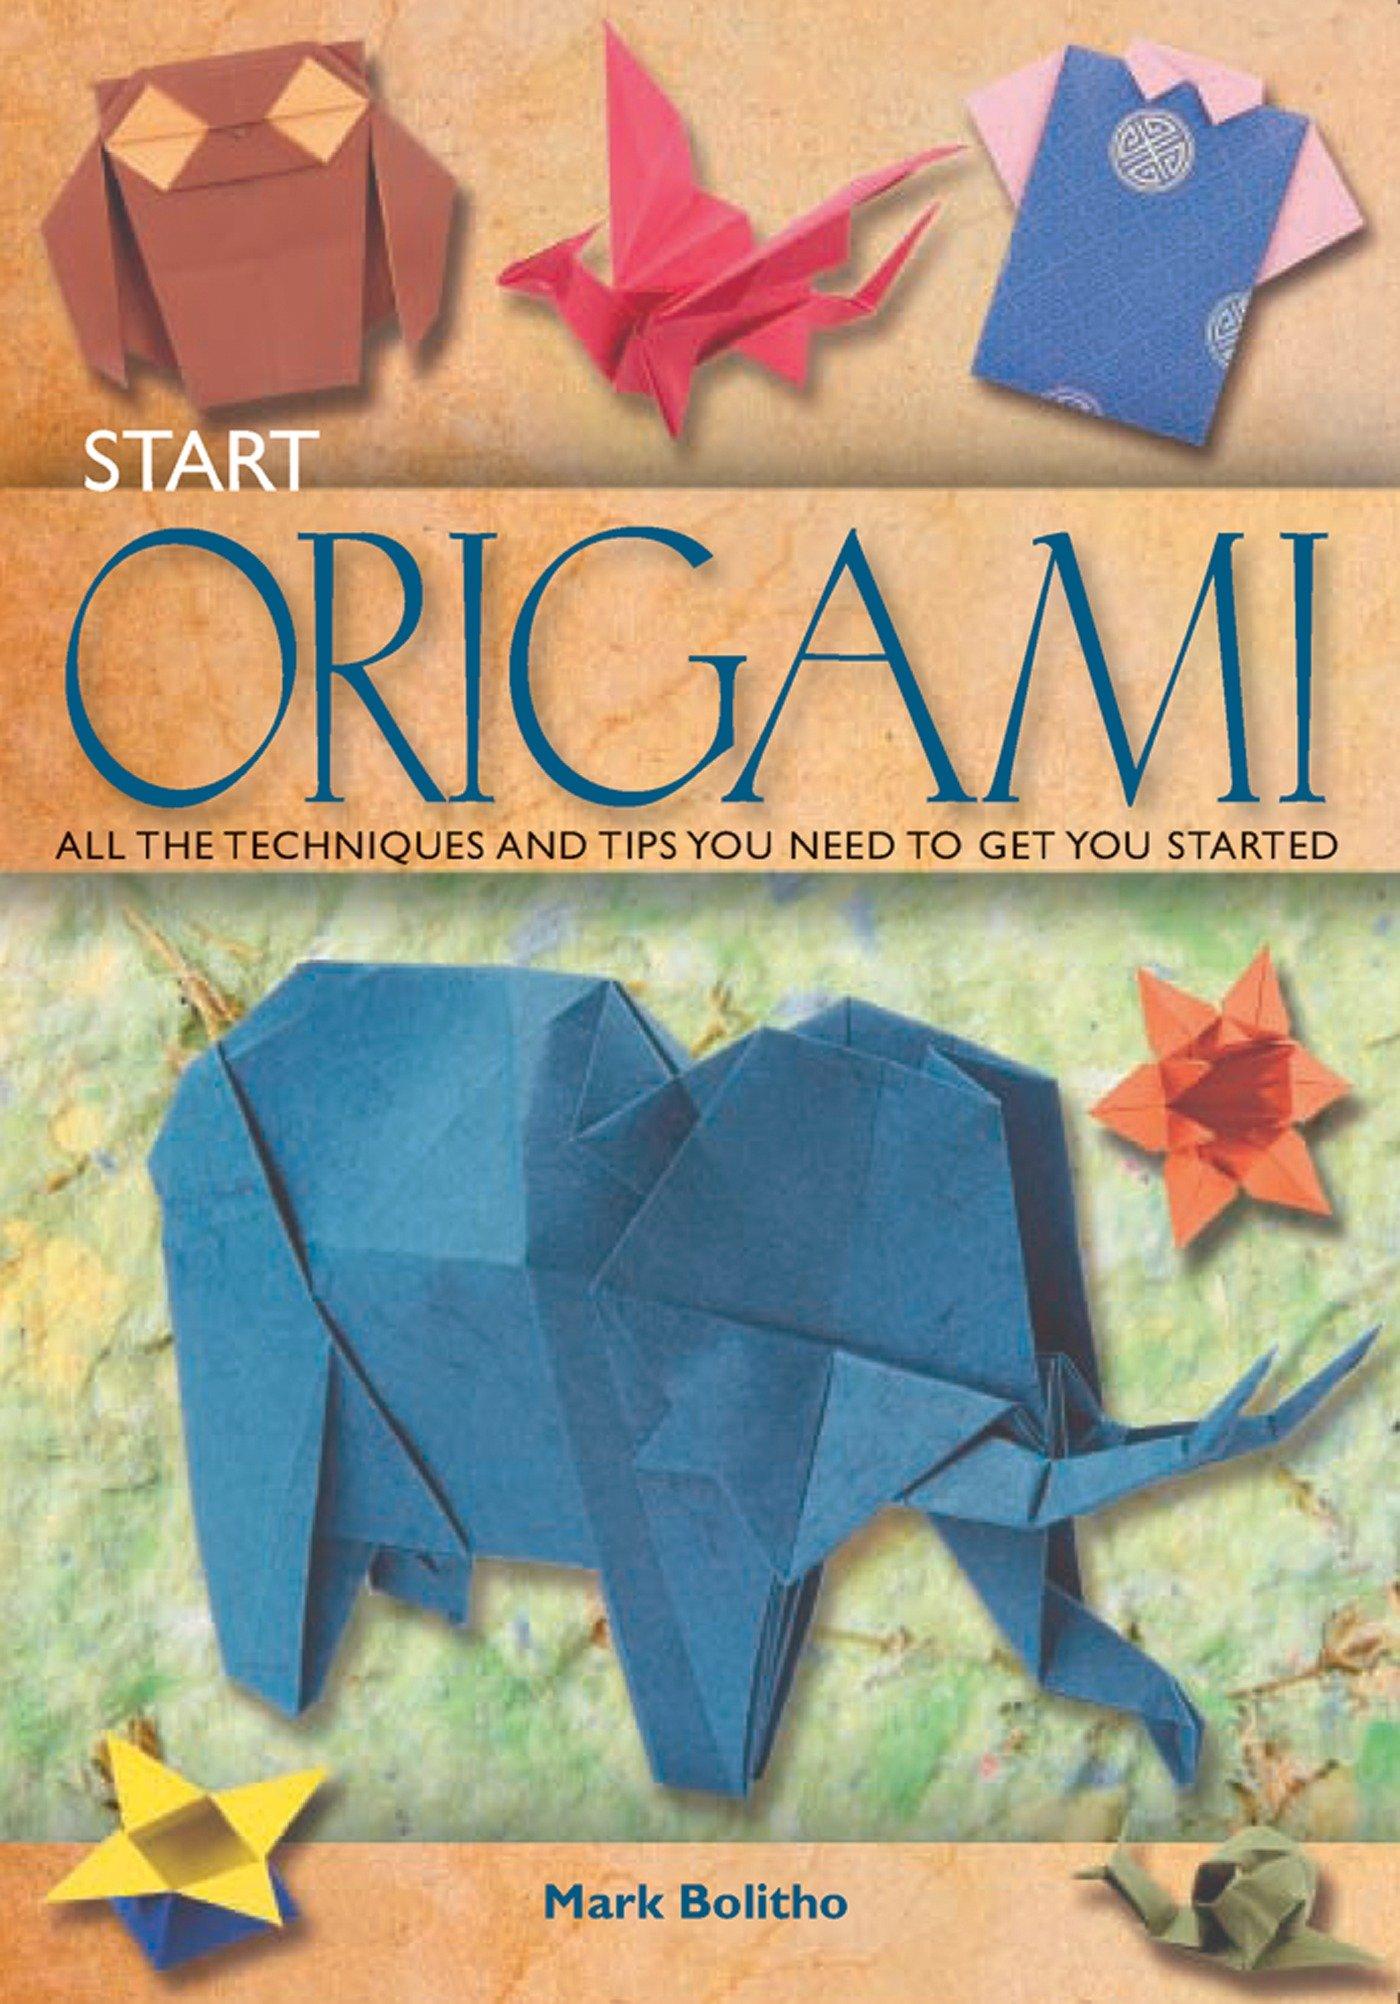 Start origami amazon mark bolitho 0499991606979 books jeuxipadfo Choice Image